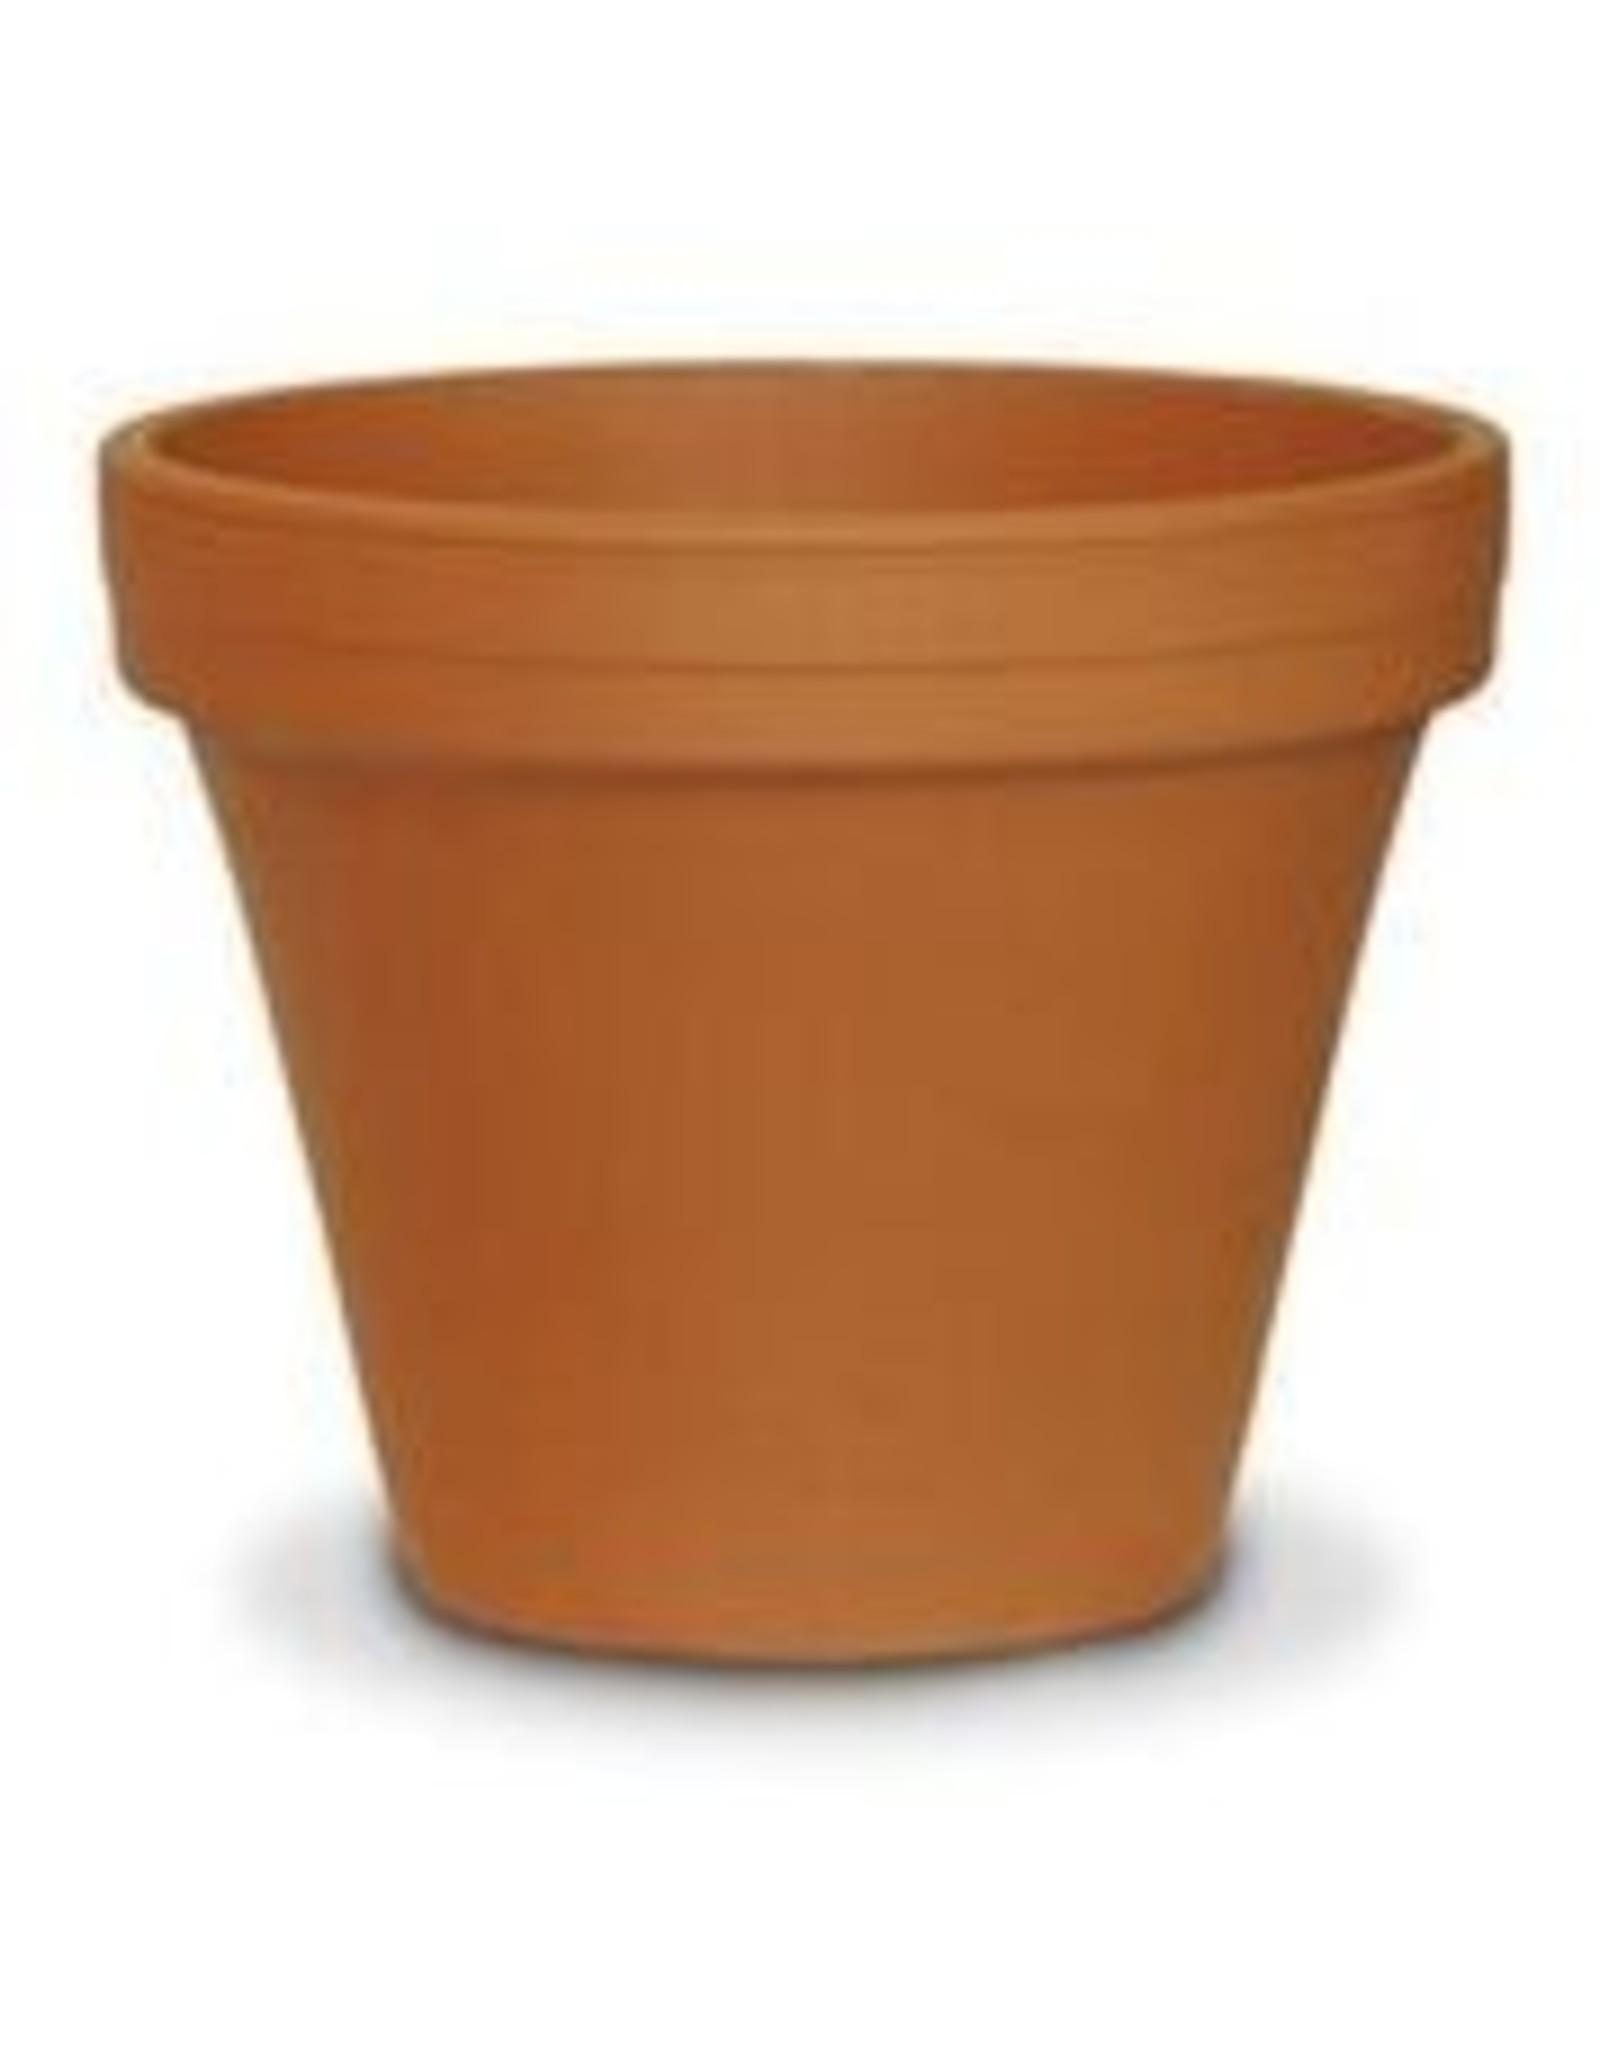 Terra Cotta Pot - Red Clay